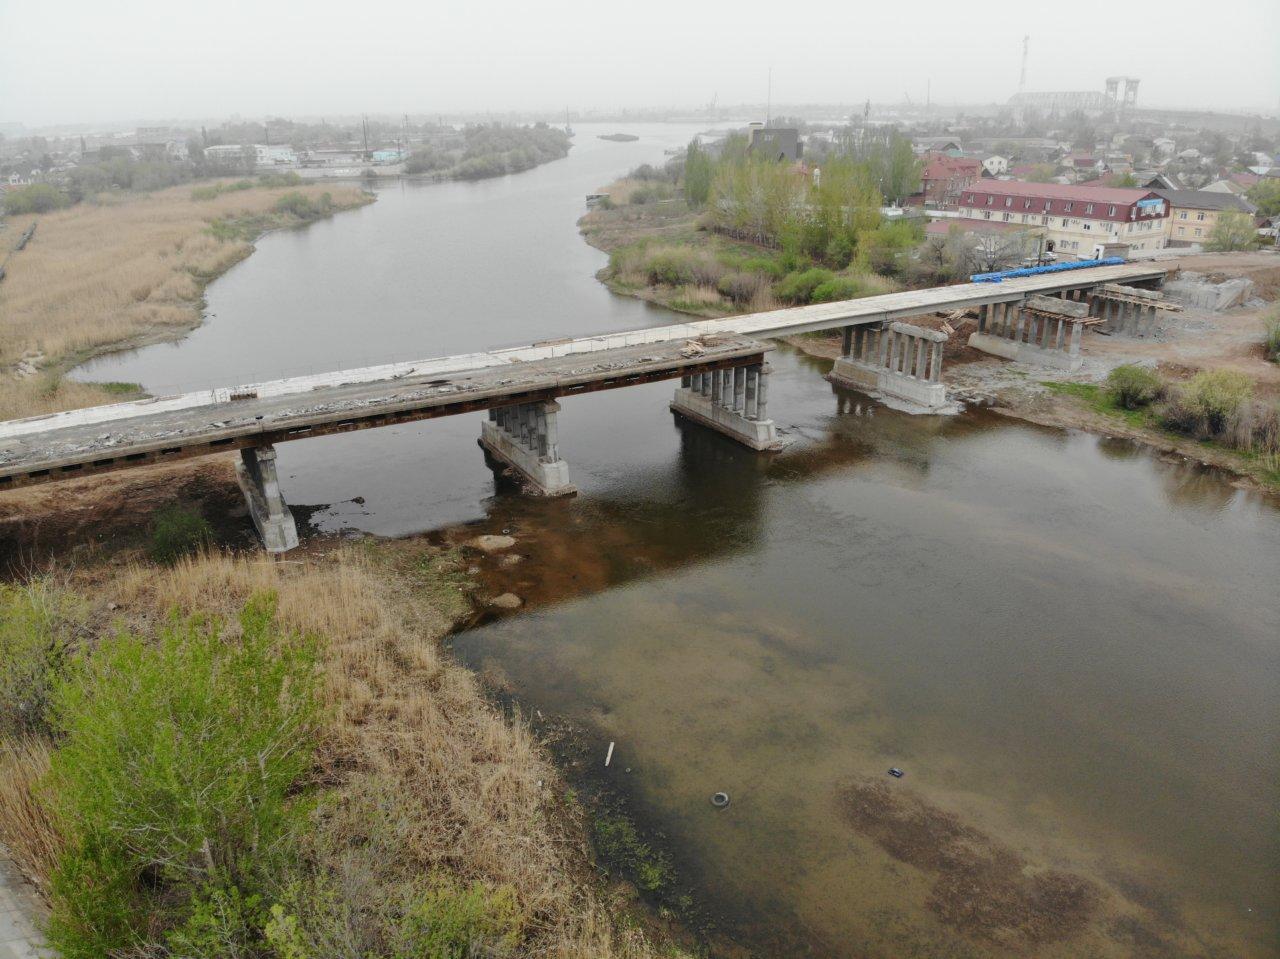 Милицейский мост достроит компания из Ростова-на-Дону